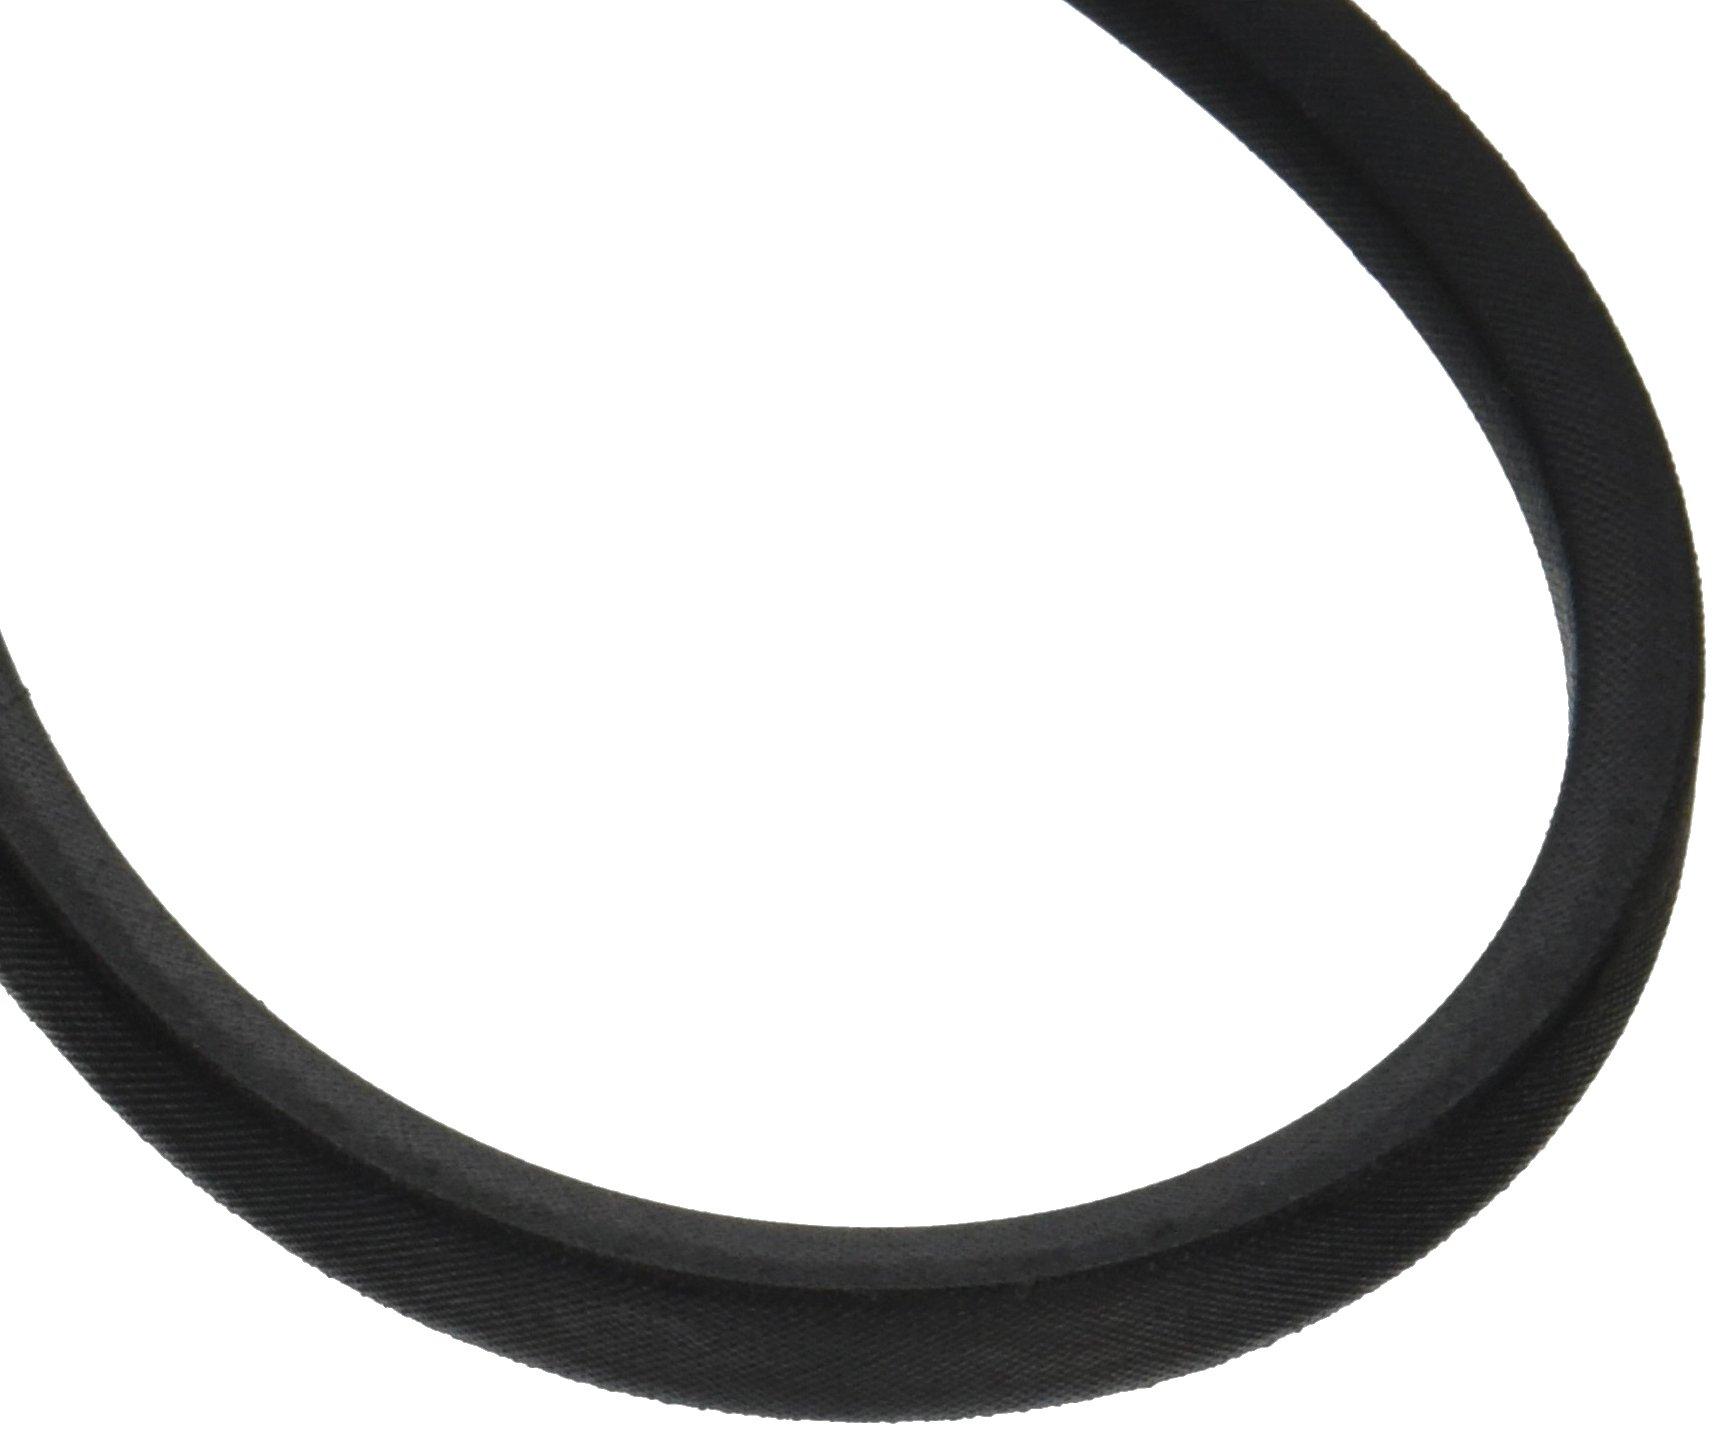 NAPA AUTOMOTIVE A103 Replacement Belt